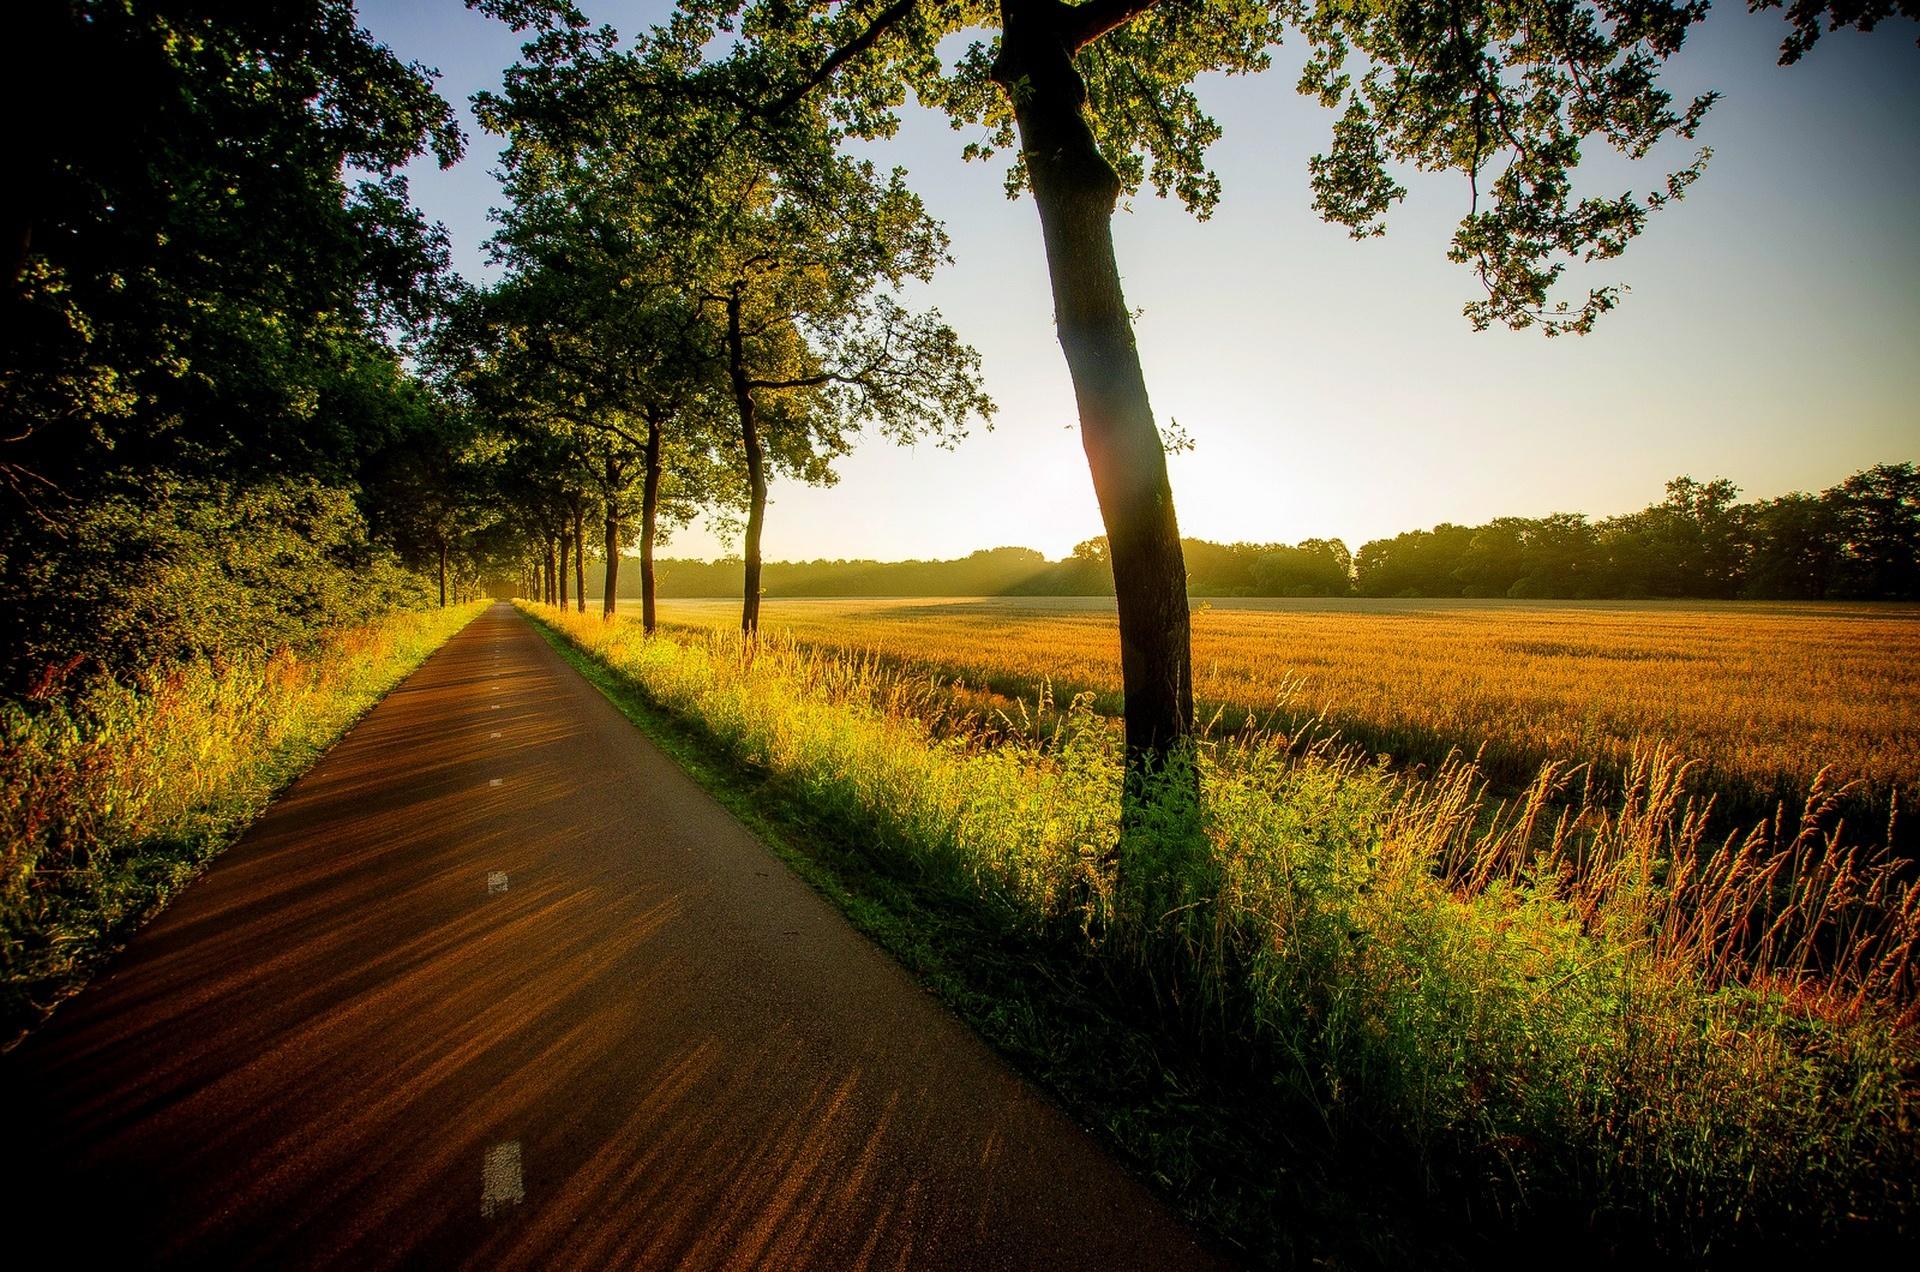 картинка с природой и дорог двухкомнатную